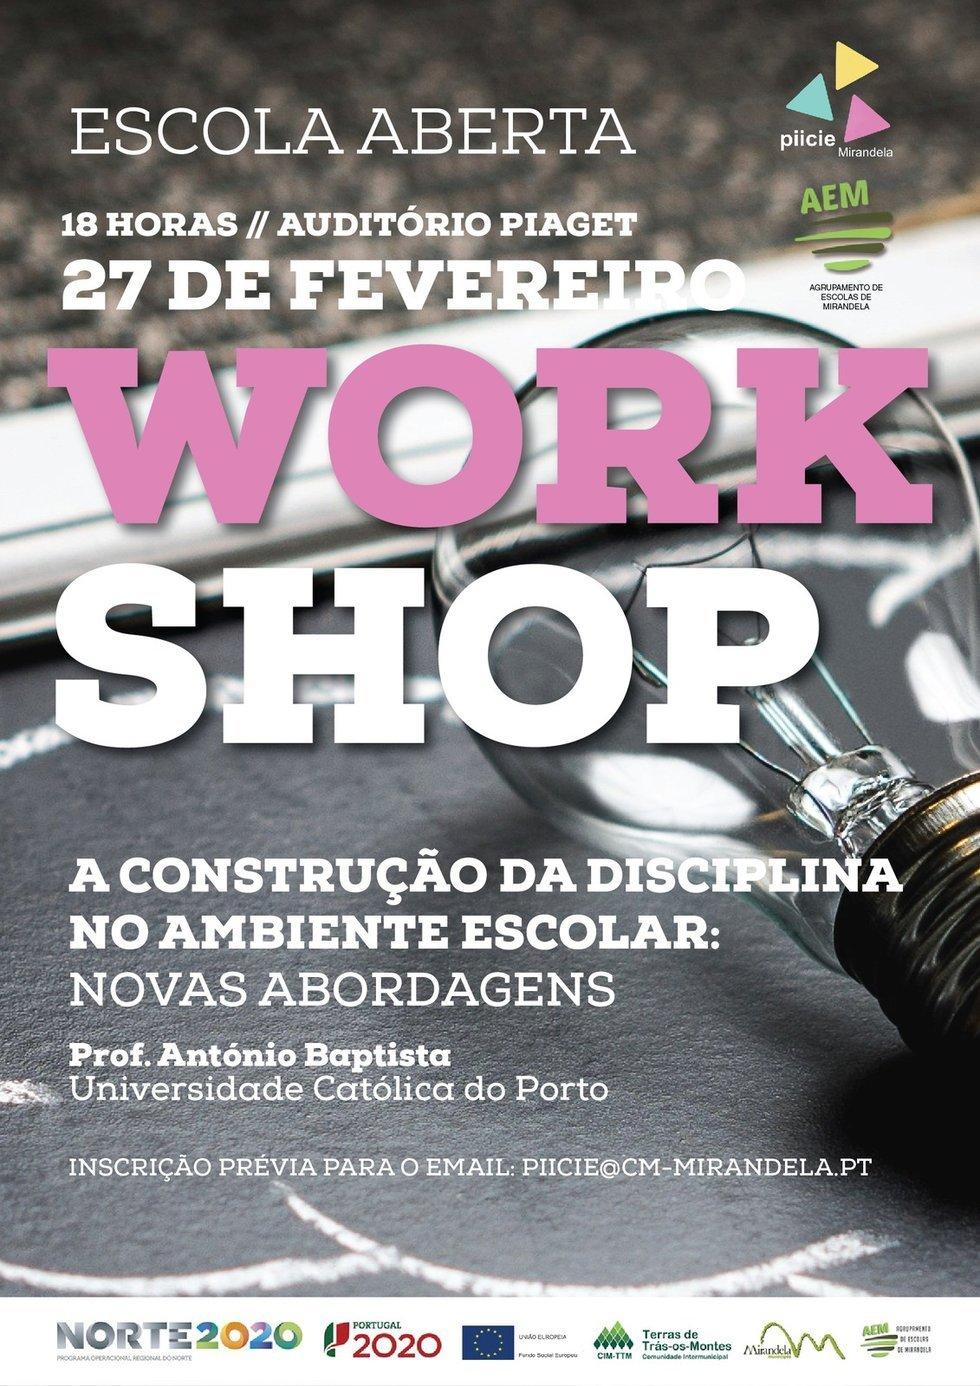 A Construção da Disciplina no Ambiente Escolar - Workshop